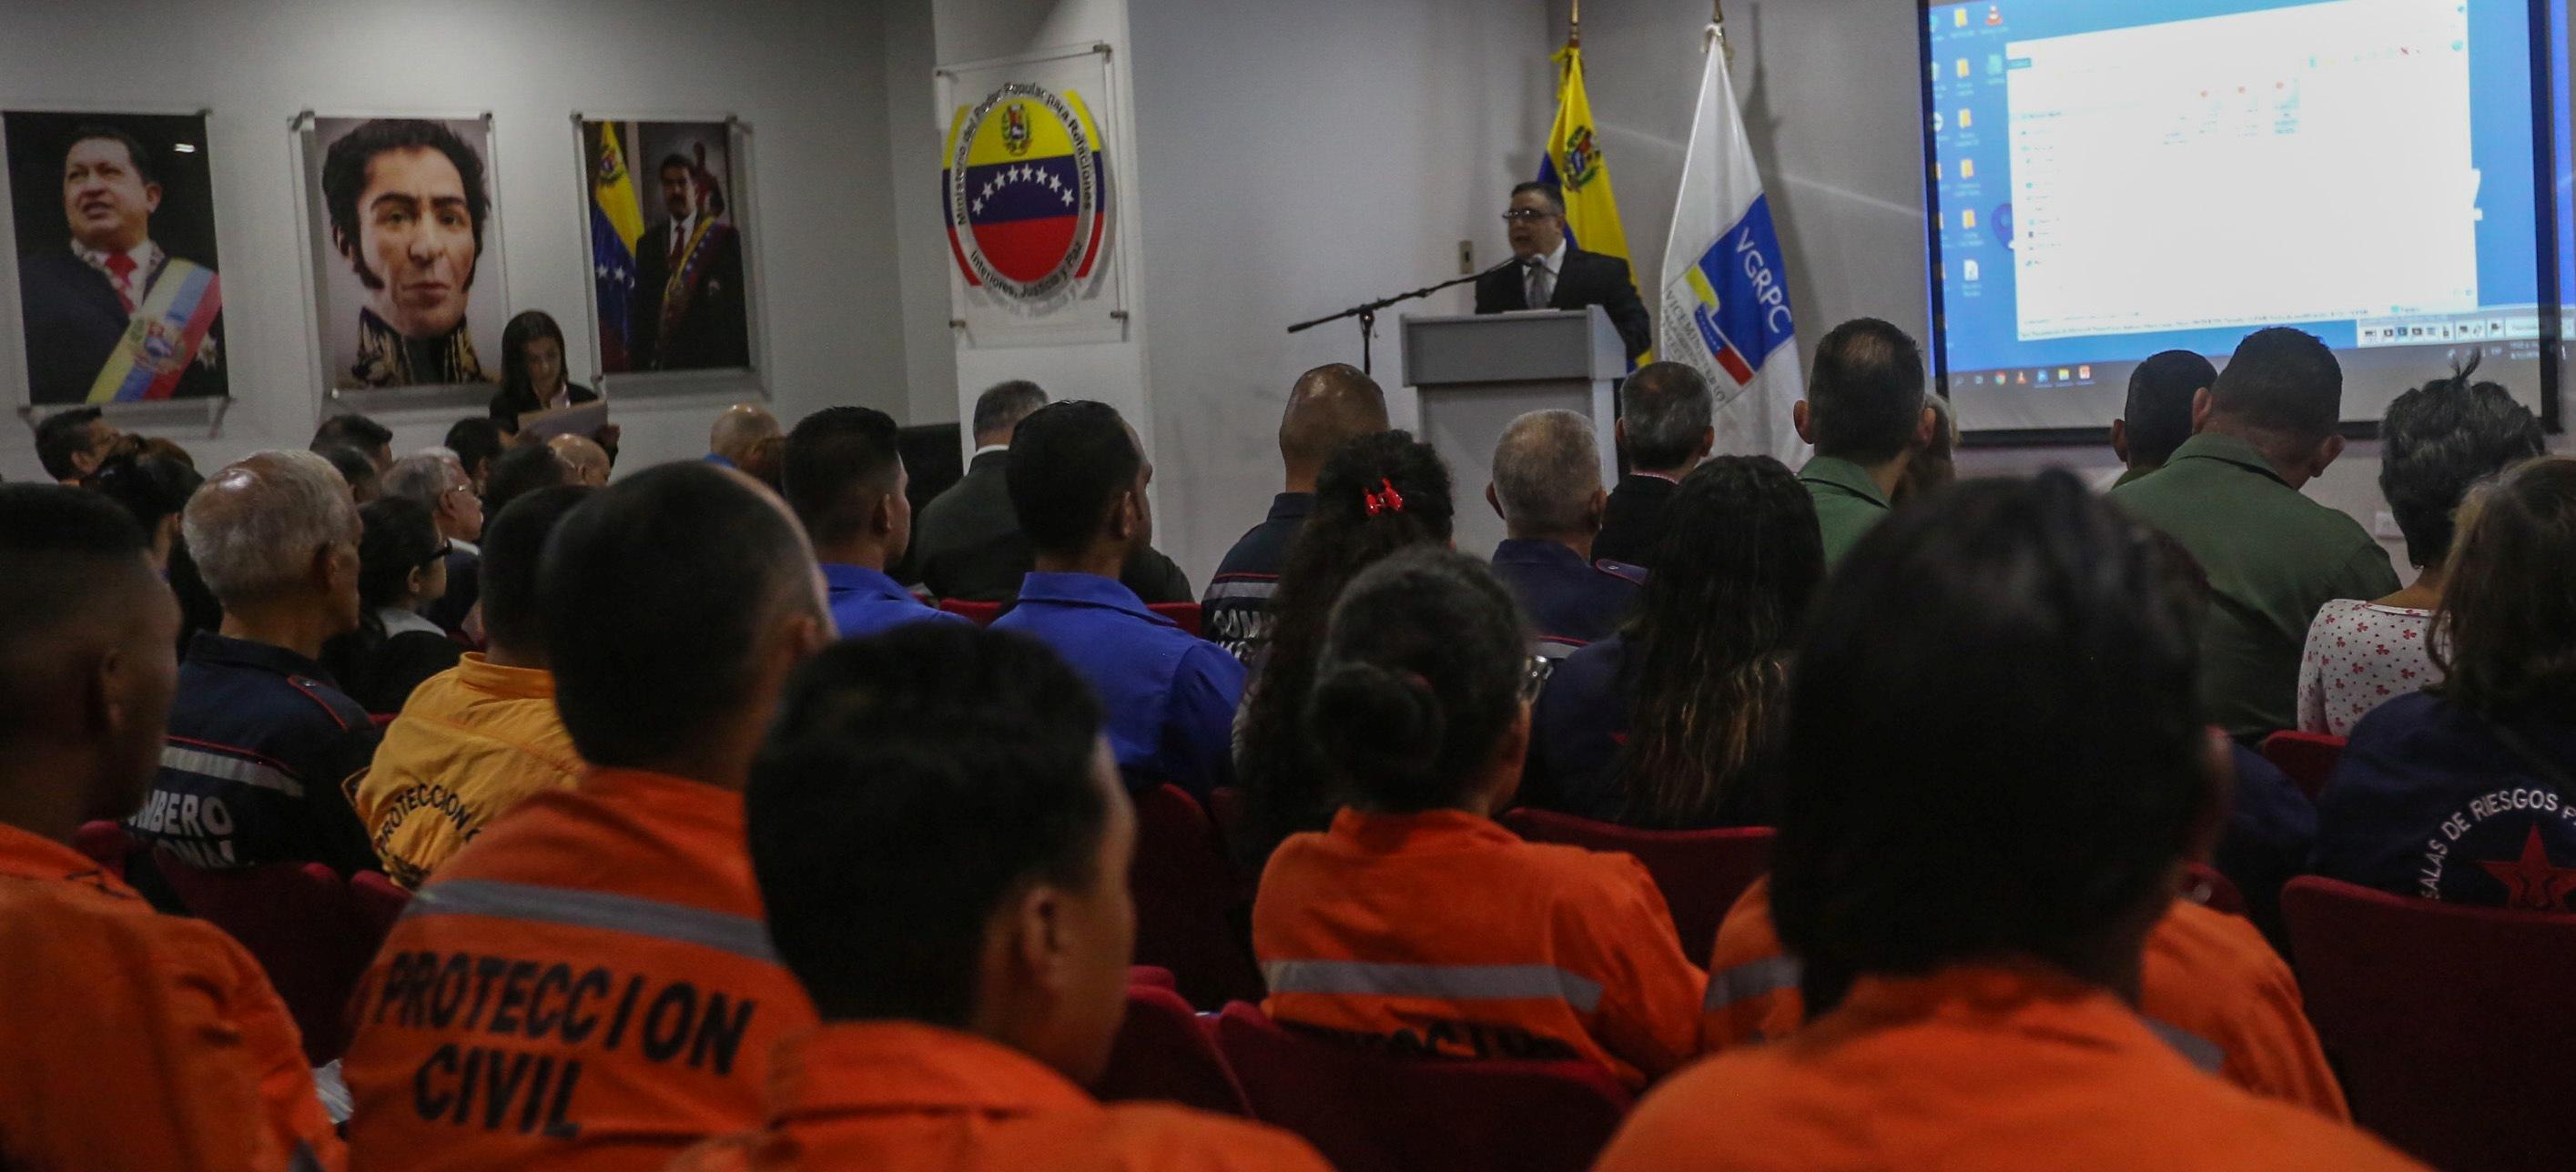 Venezuela adopta medidas en el Marco del Sendai para fortalecer gestión de riesgo